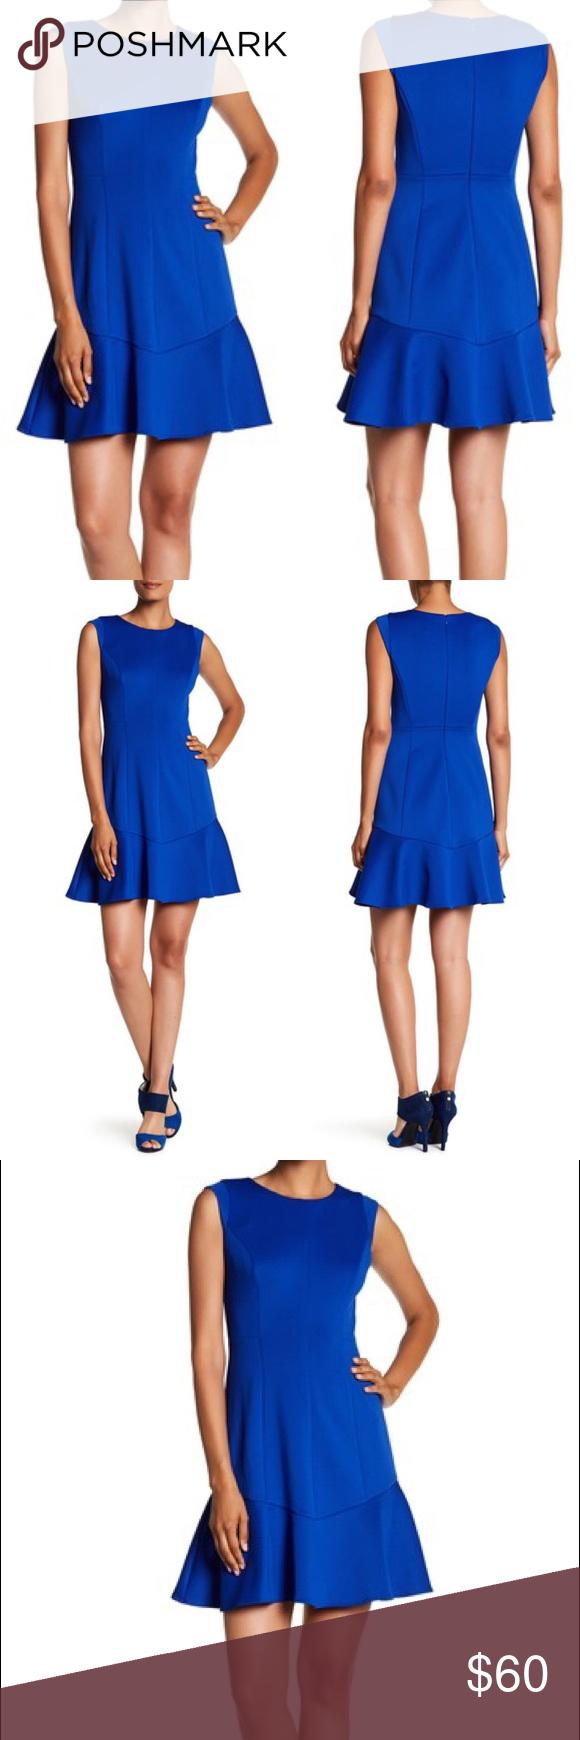 Vince Camuto Cobalt Dress Scuba Shift Dress Vince Camuto Laguna Scuba Shift Sleeveless Dress Color Cobalt Dress Blue Dress Outfits Cobalt Blue Dress Outfit [ 1740 x 580 Pixel ]